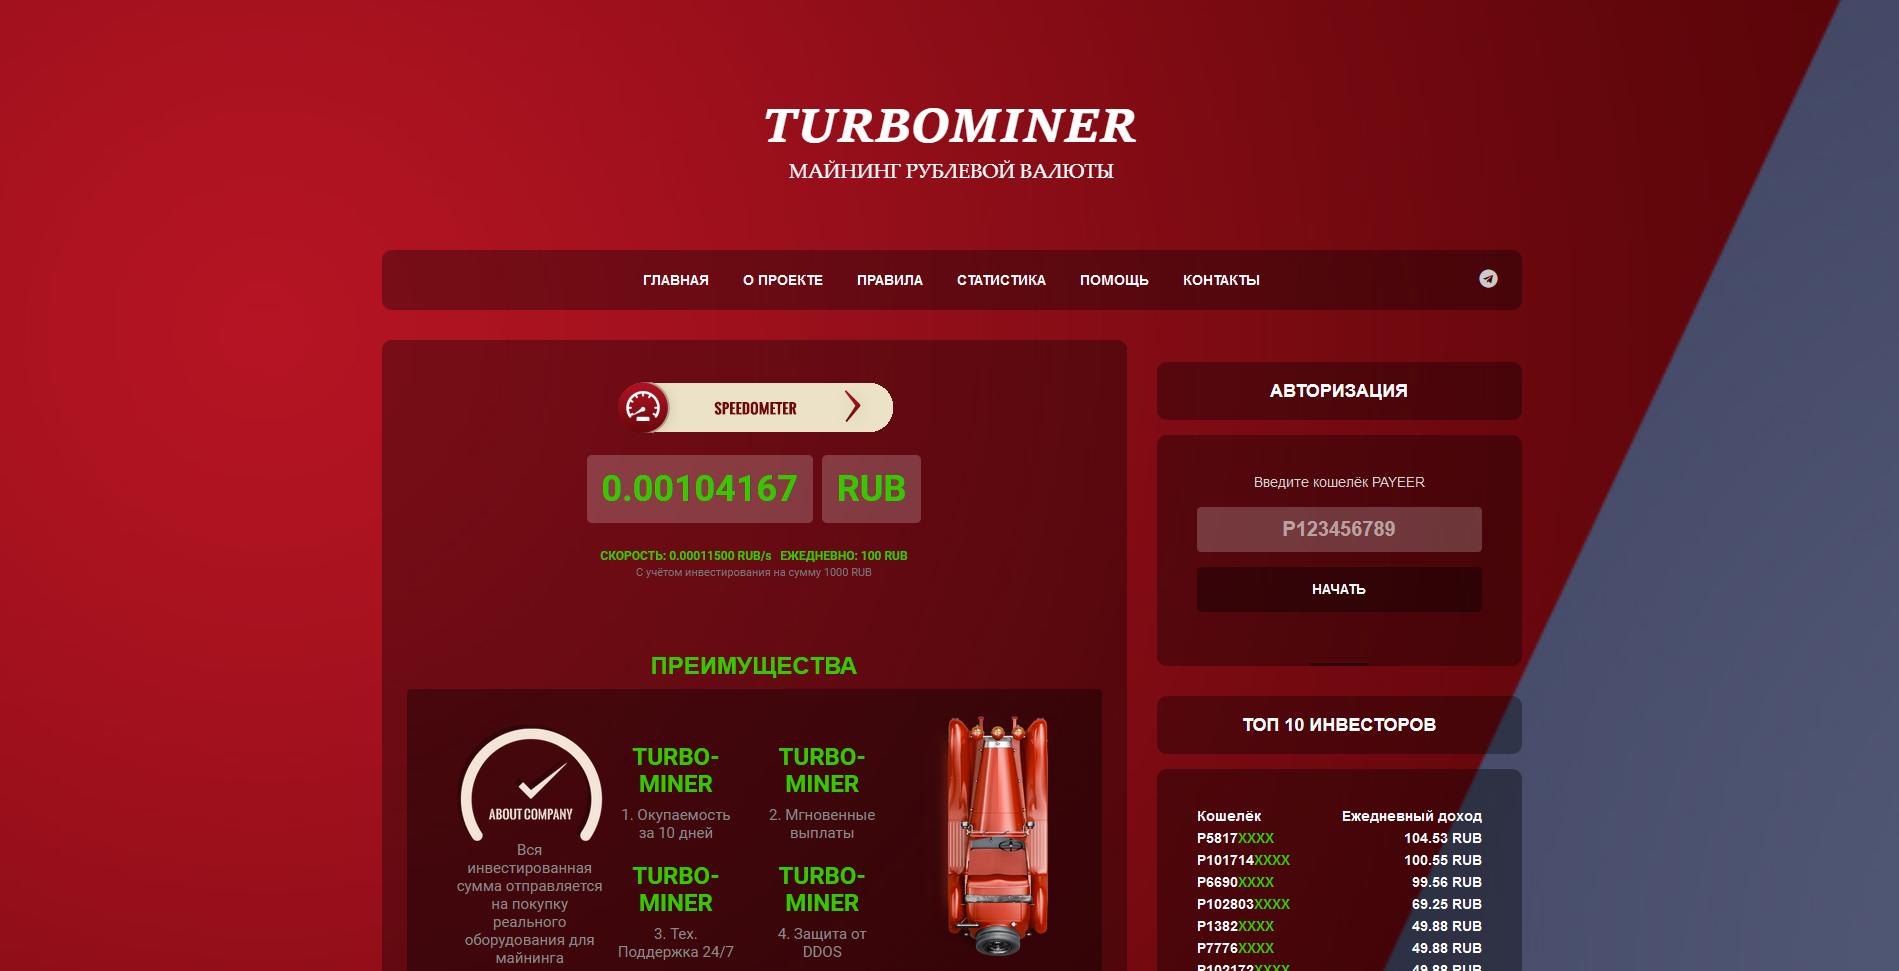 TurboMiner